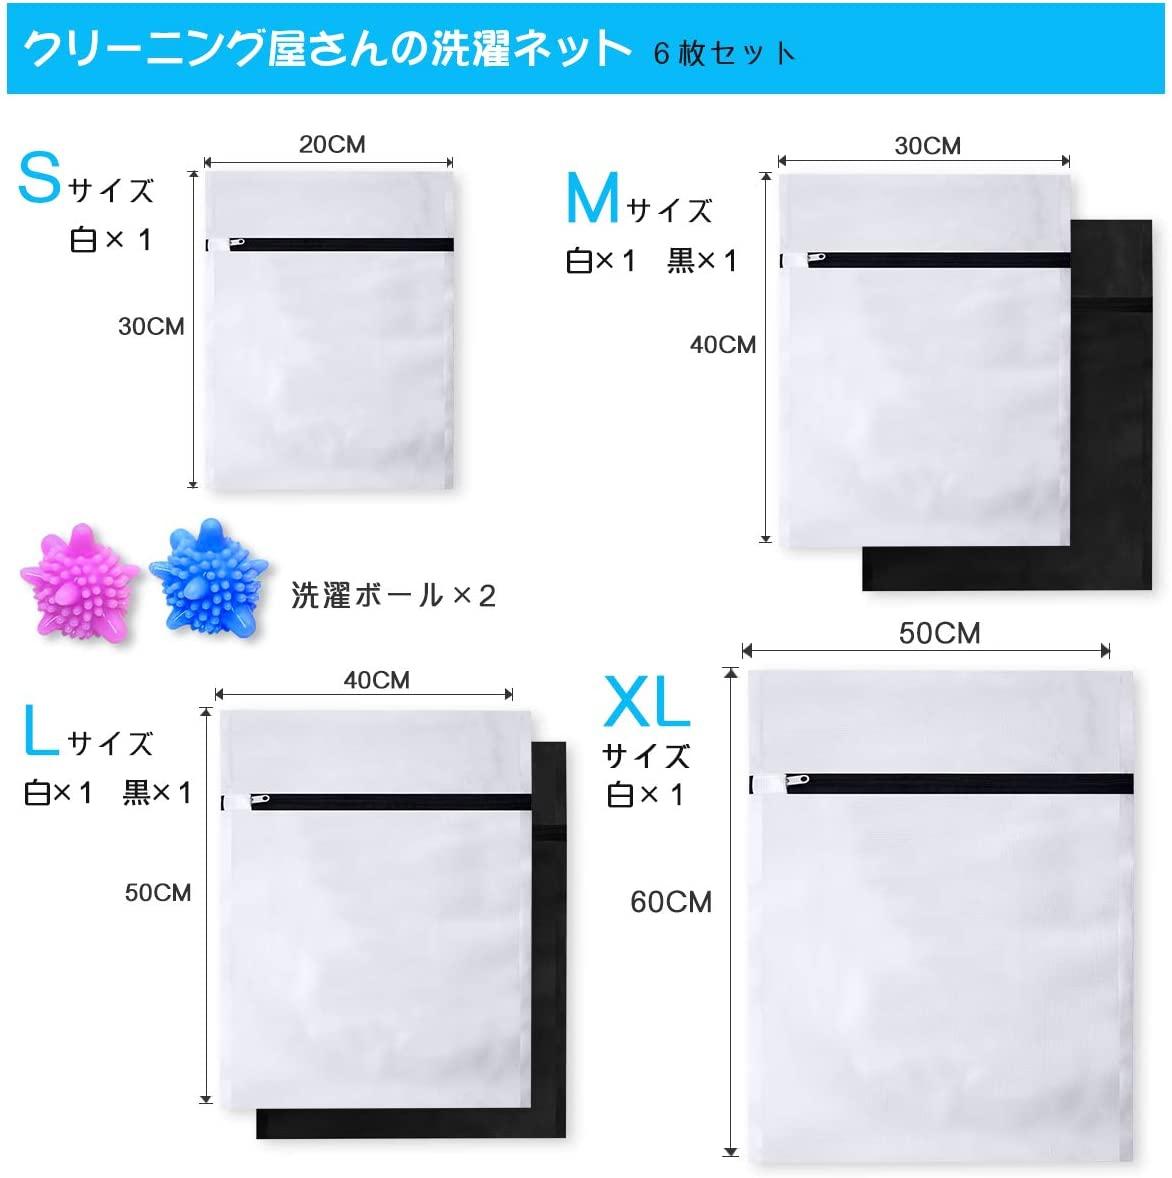 Miuphro(ミウフロ) ランドリーネット 洗濯袋セット 6枚入 洗濯ボール付きの商品画像2